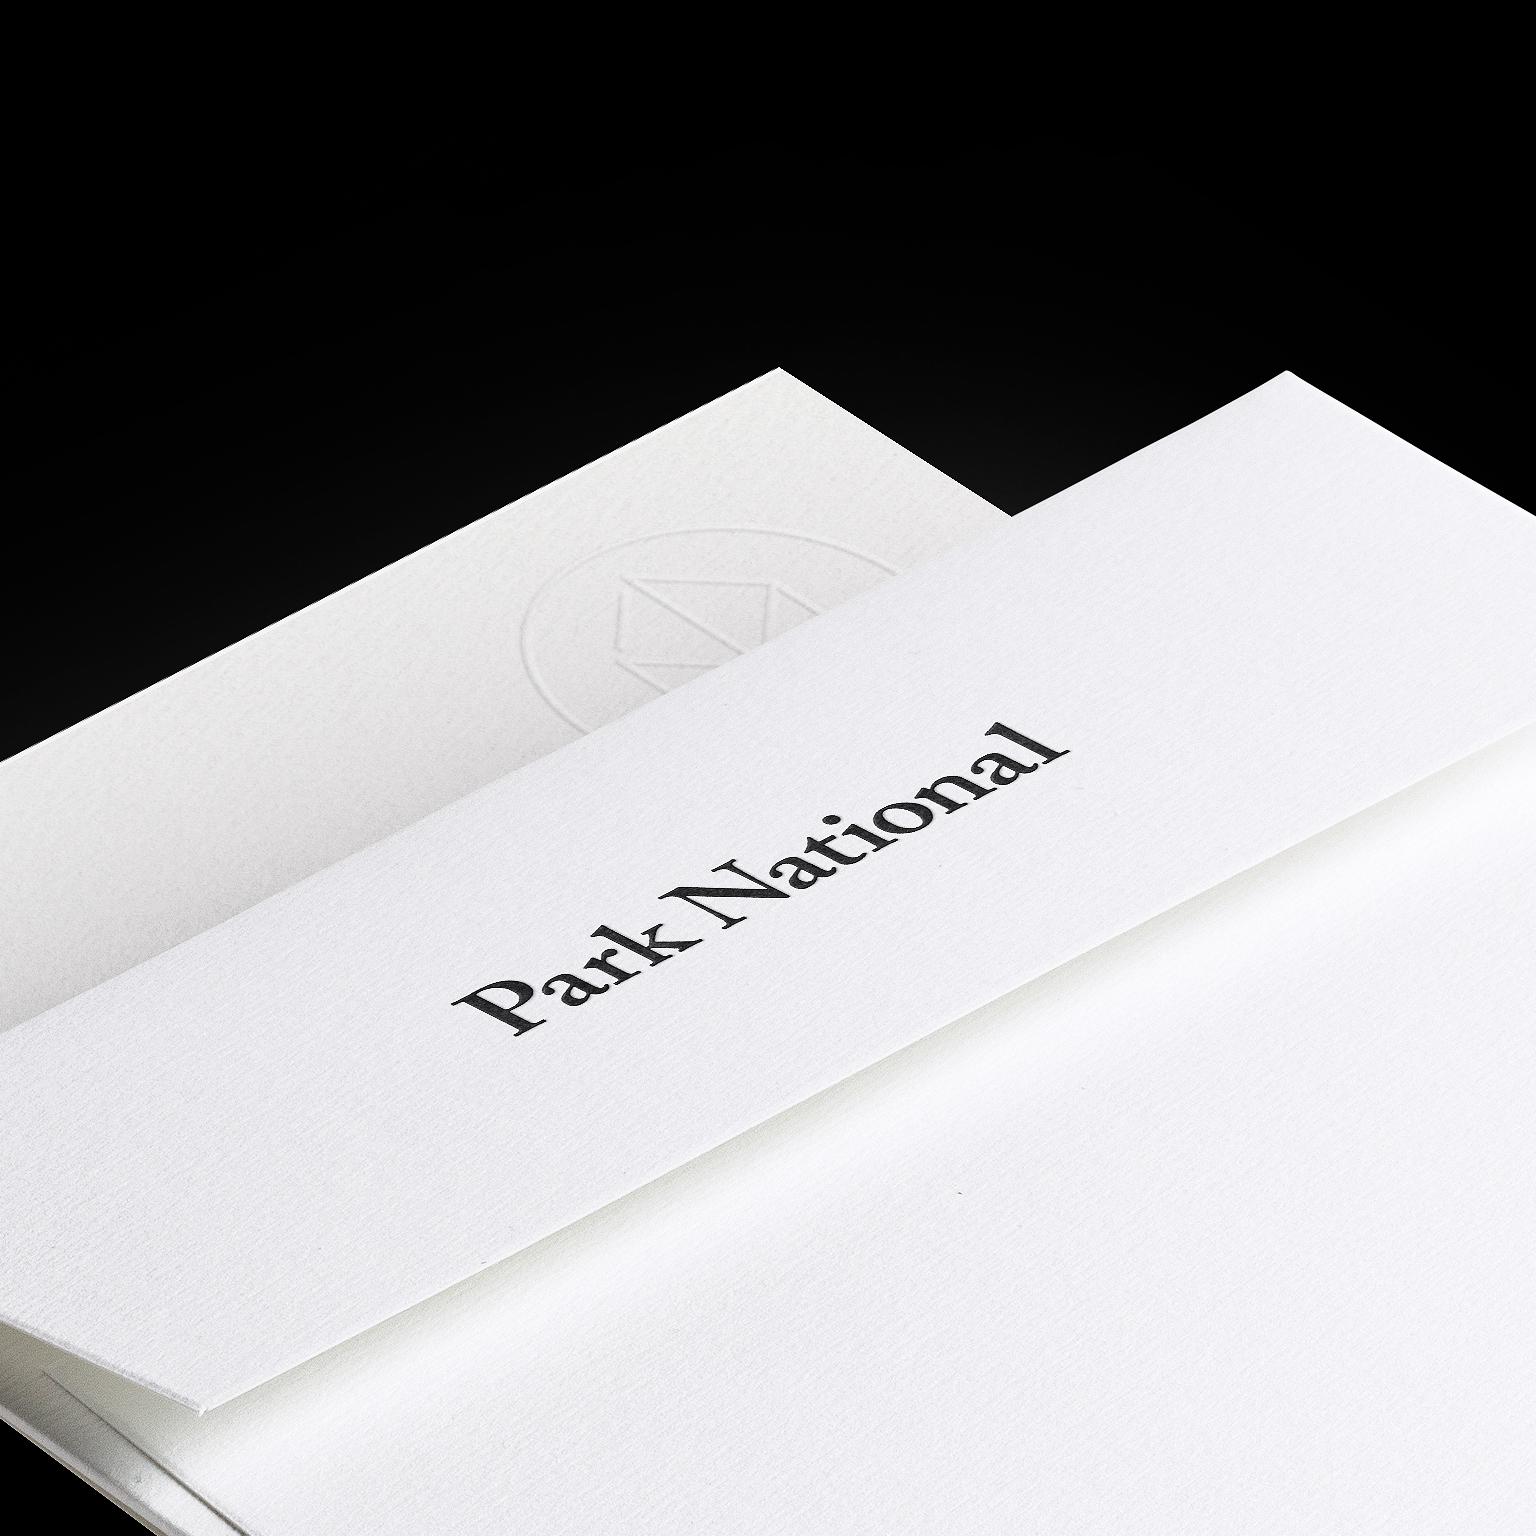 02_ParkNational_Envelope _V2.jpg